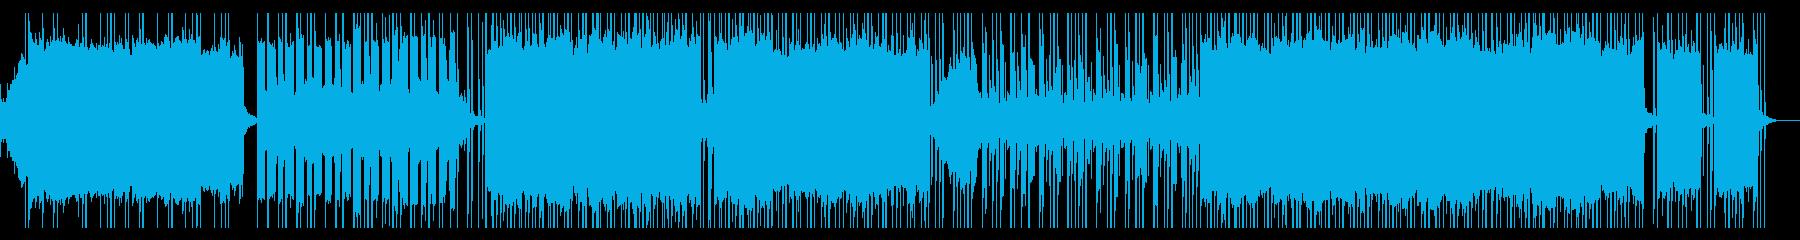 ほのぼのしたチルな休日の朝のエレクトロの再生済みの波形